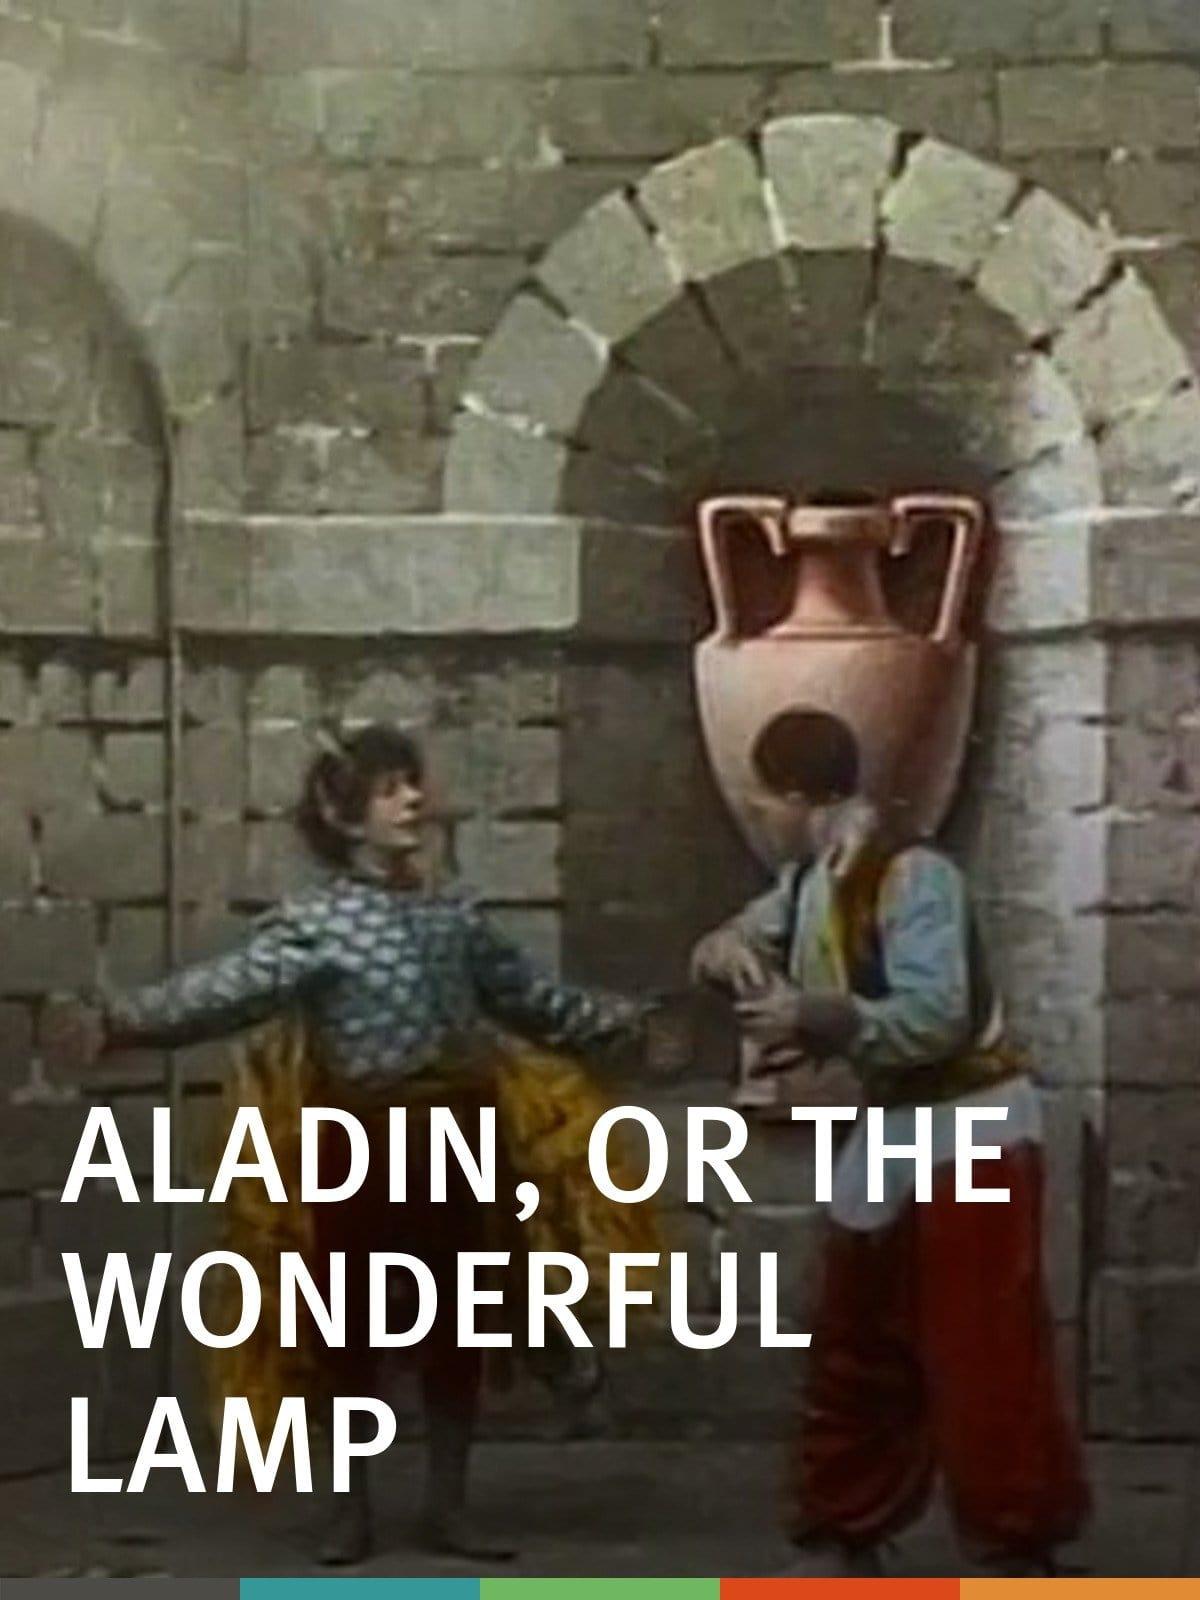 Aladdin e a Lâmpada Maravilhosa